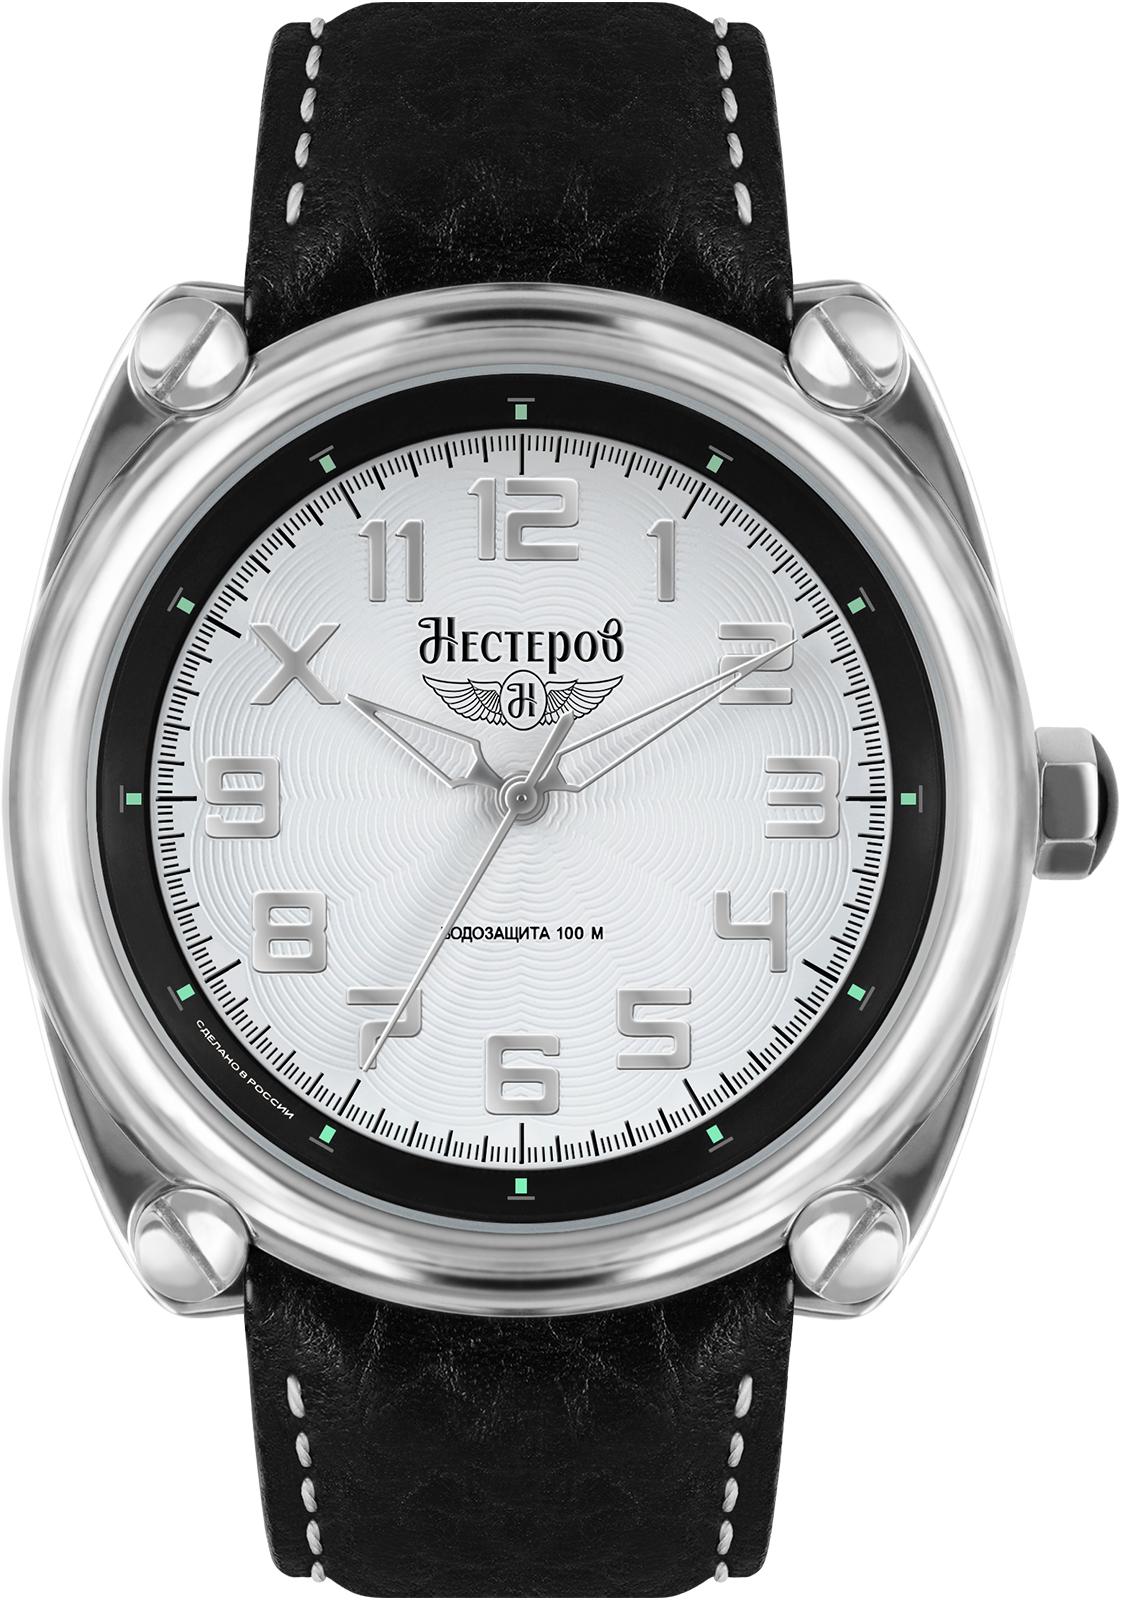 Часы Нестеров H0266A02-02AE все цены